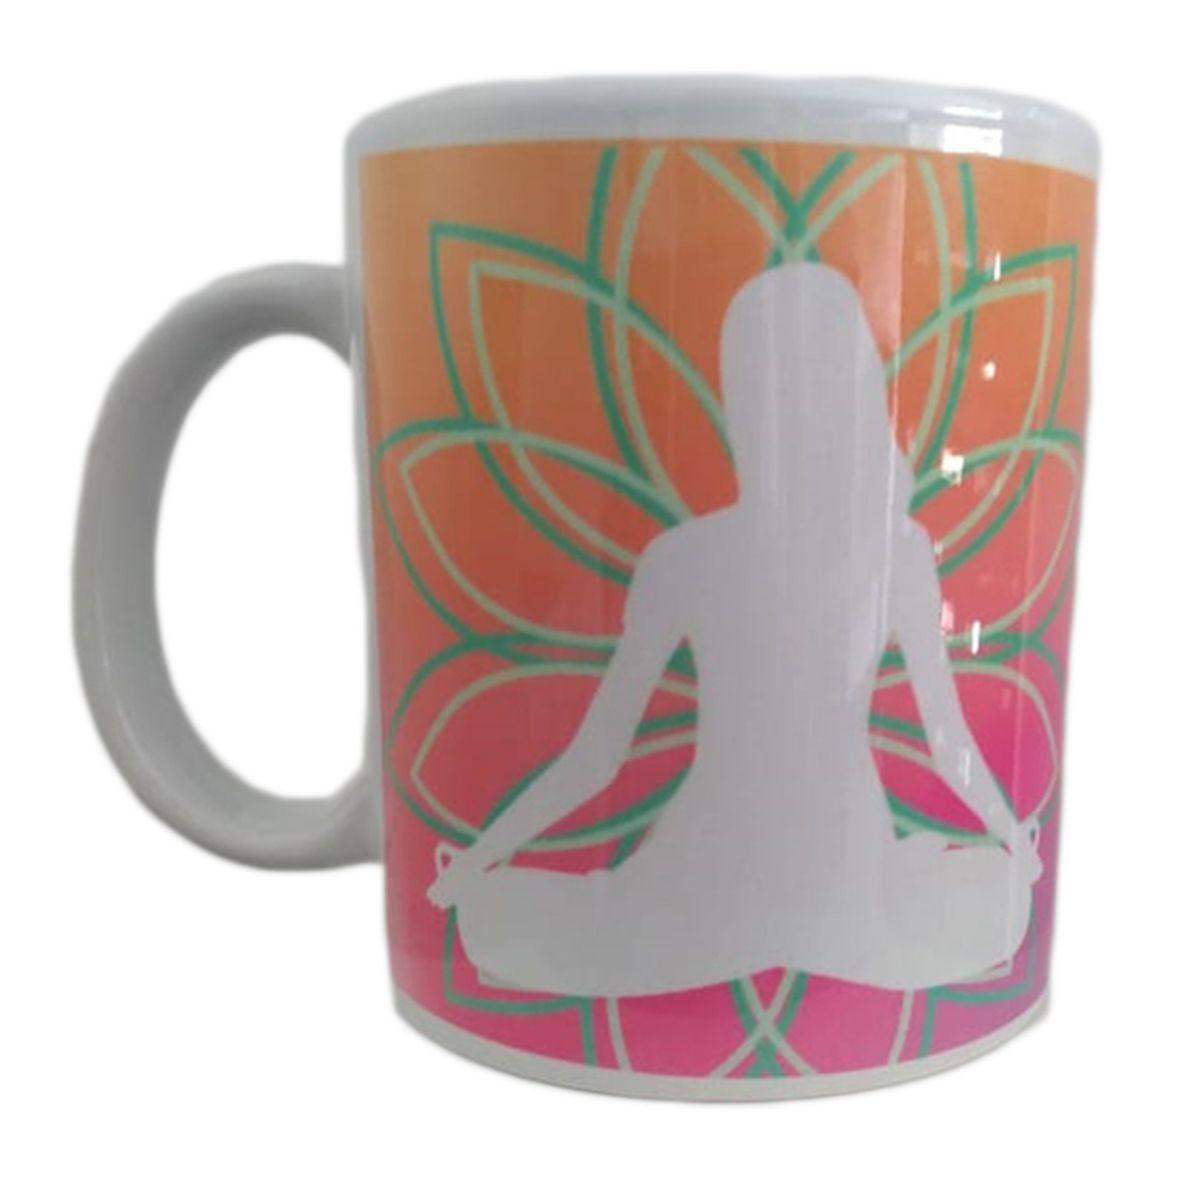 Caneca de porcelana Yoga Inspira Respira Não Pira + Caixinha